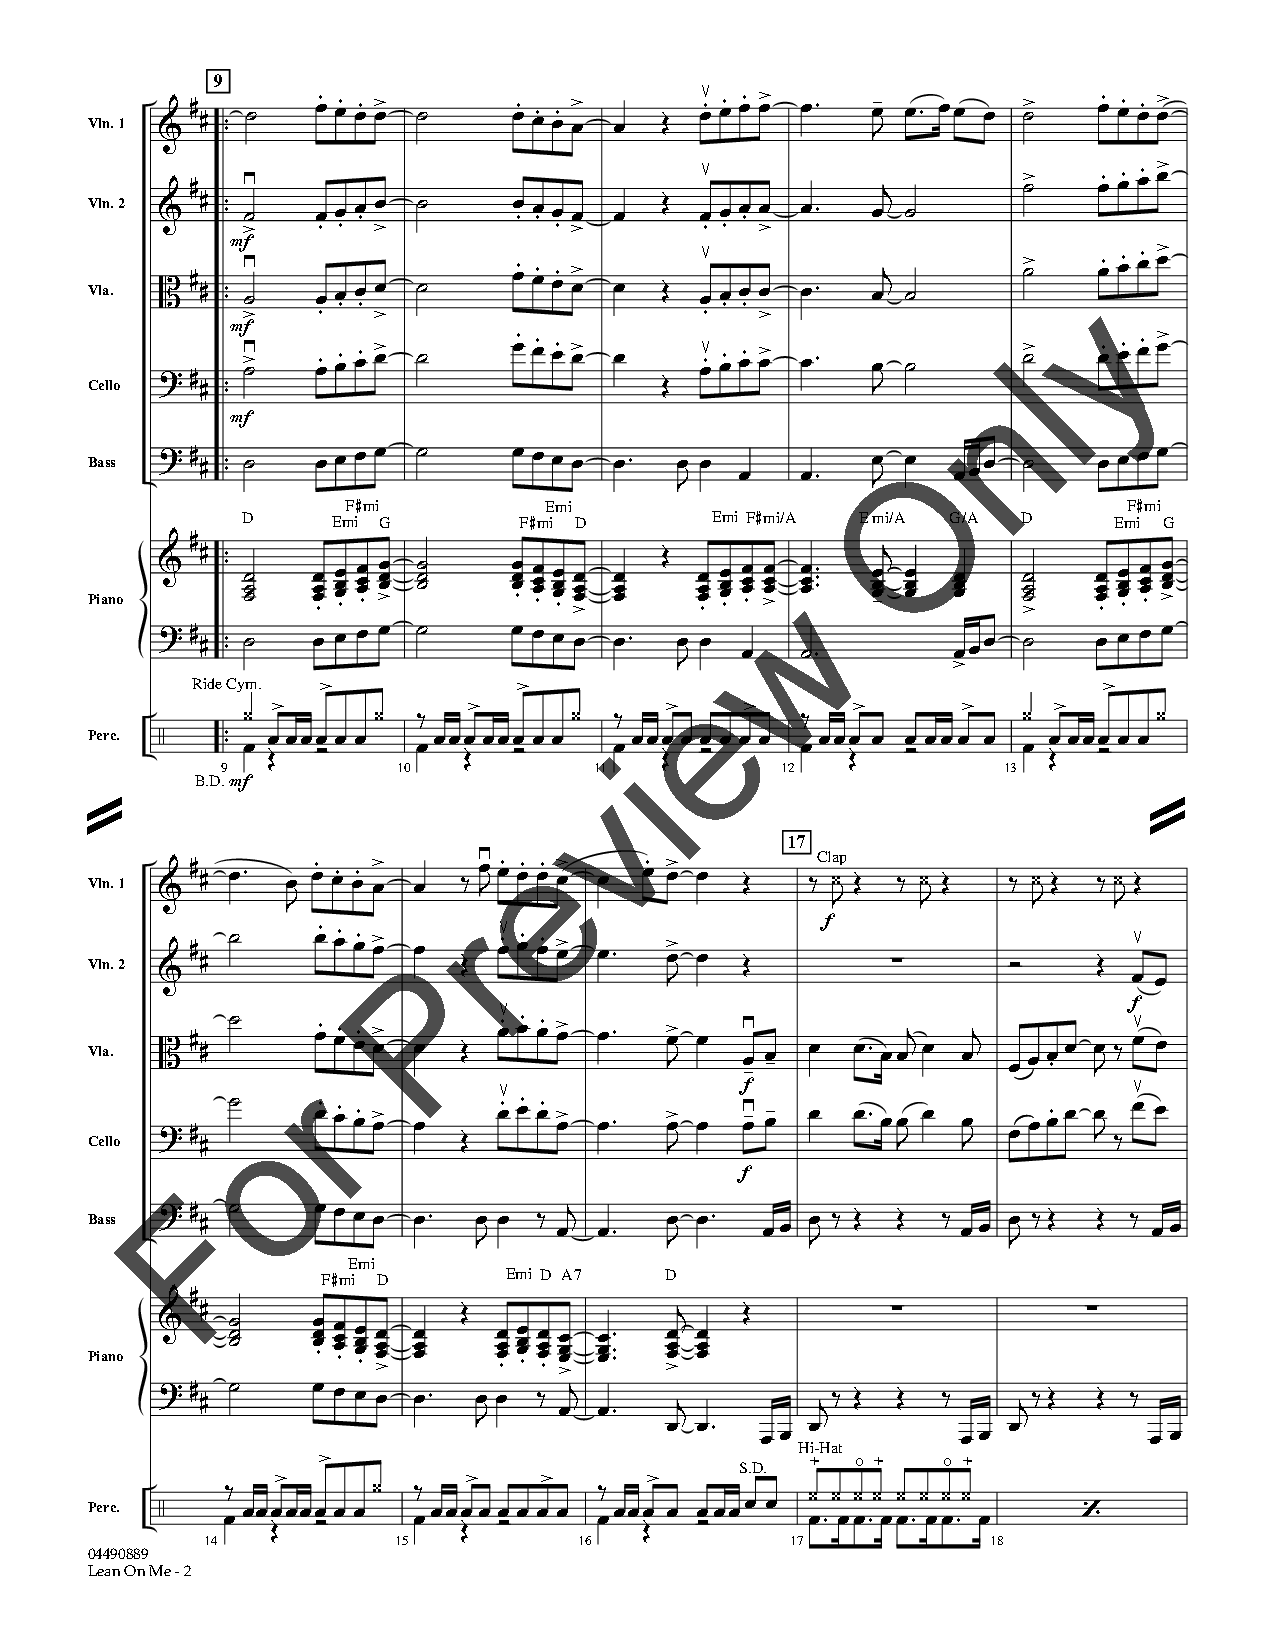 Lean on Me arr. Larry Moore| J.W. Pepper Sheet Music